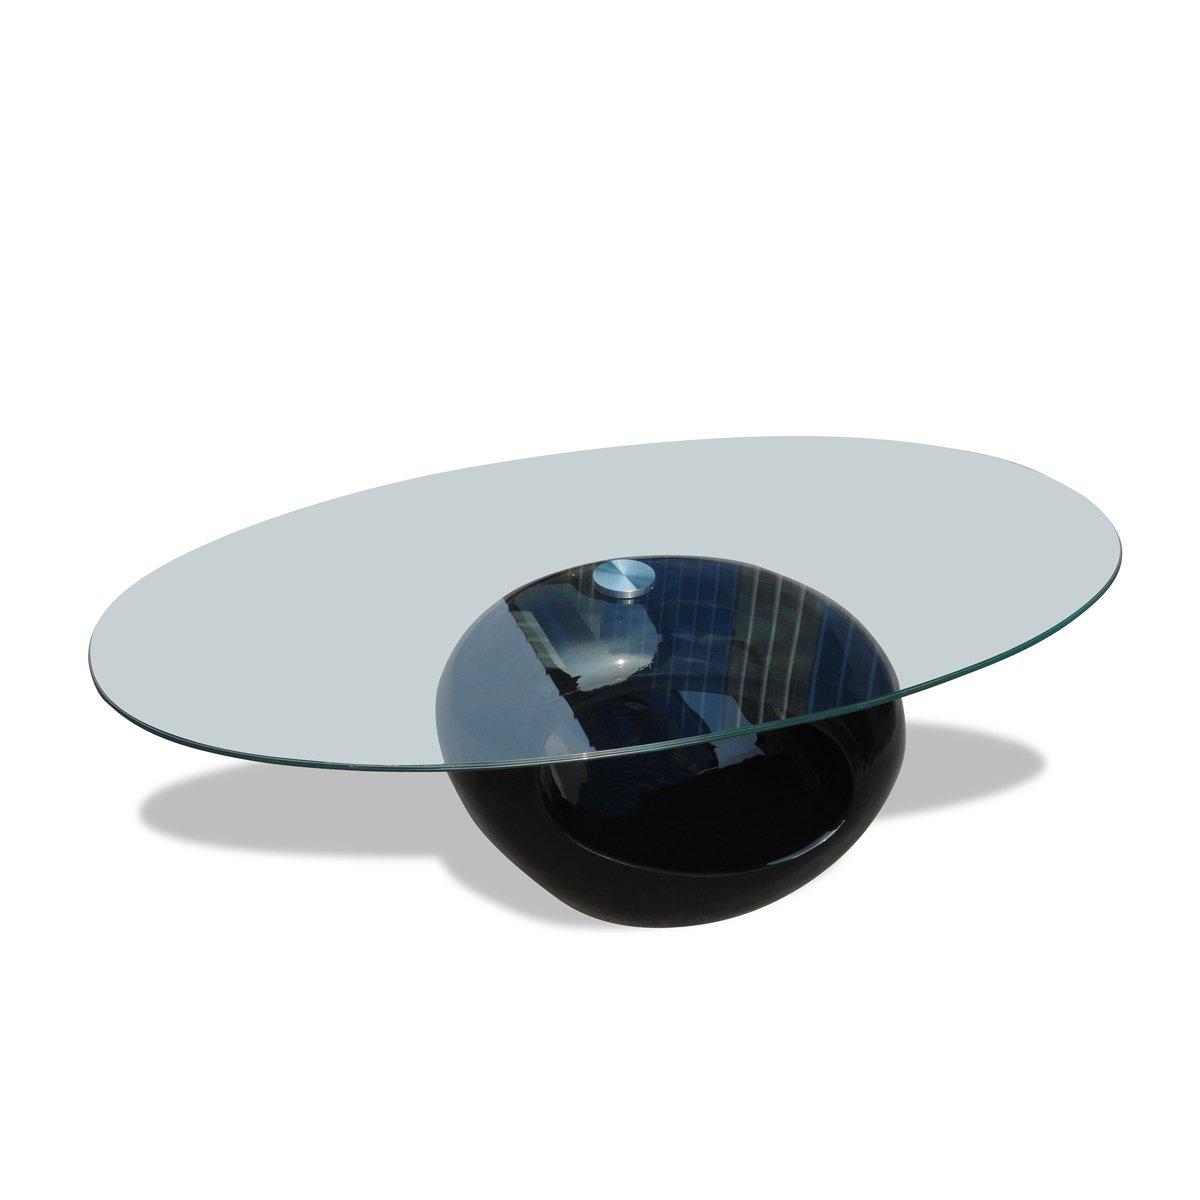 VidaXL Couchtisch mit ovaler Glasplatte Beistelltisch Hochglanz Schwarz